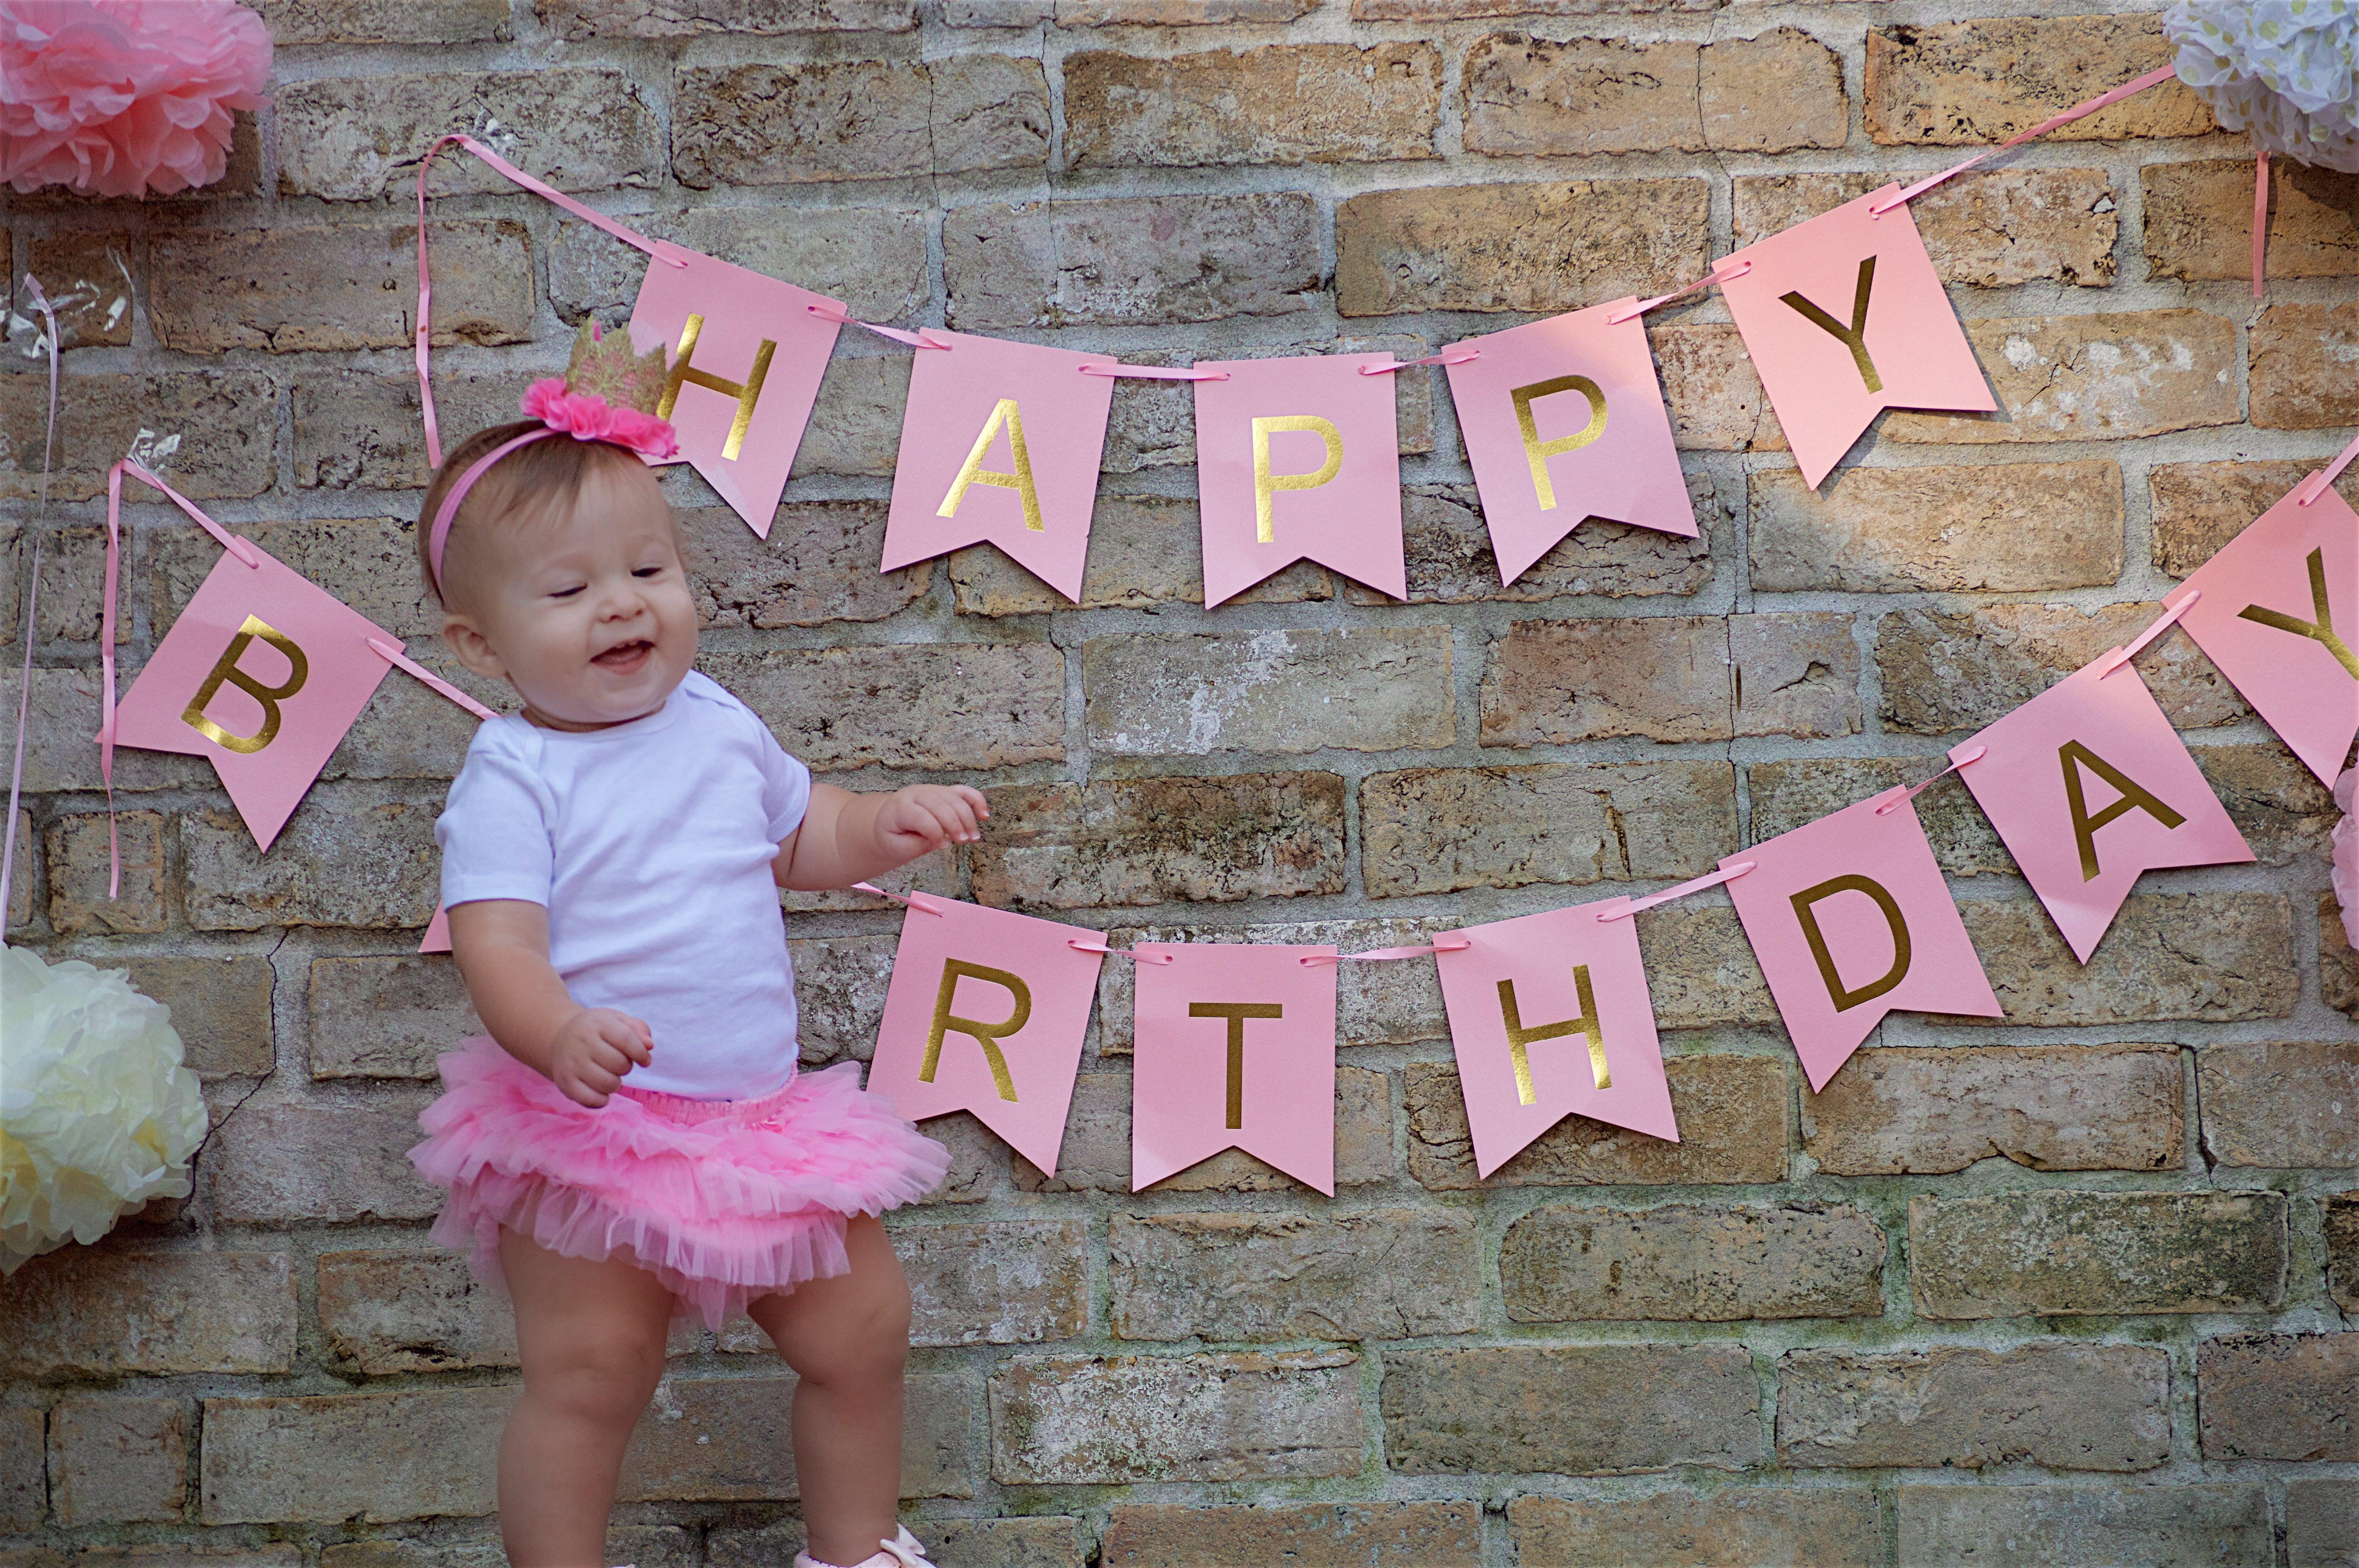 Fotos de stock gratuitas de amable, bebé, belleza, bonito